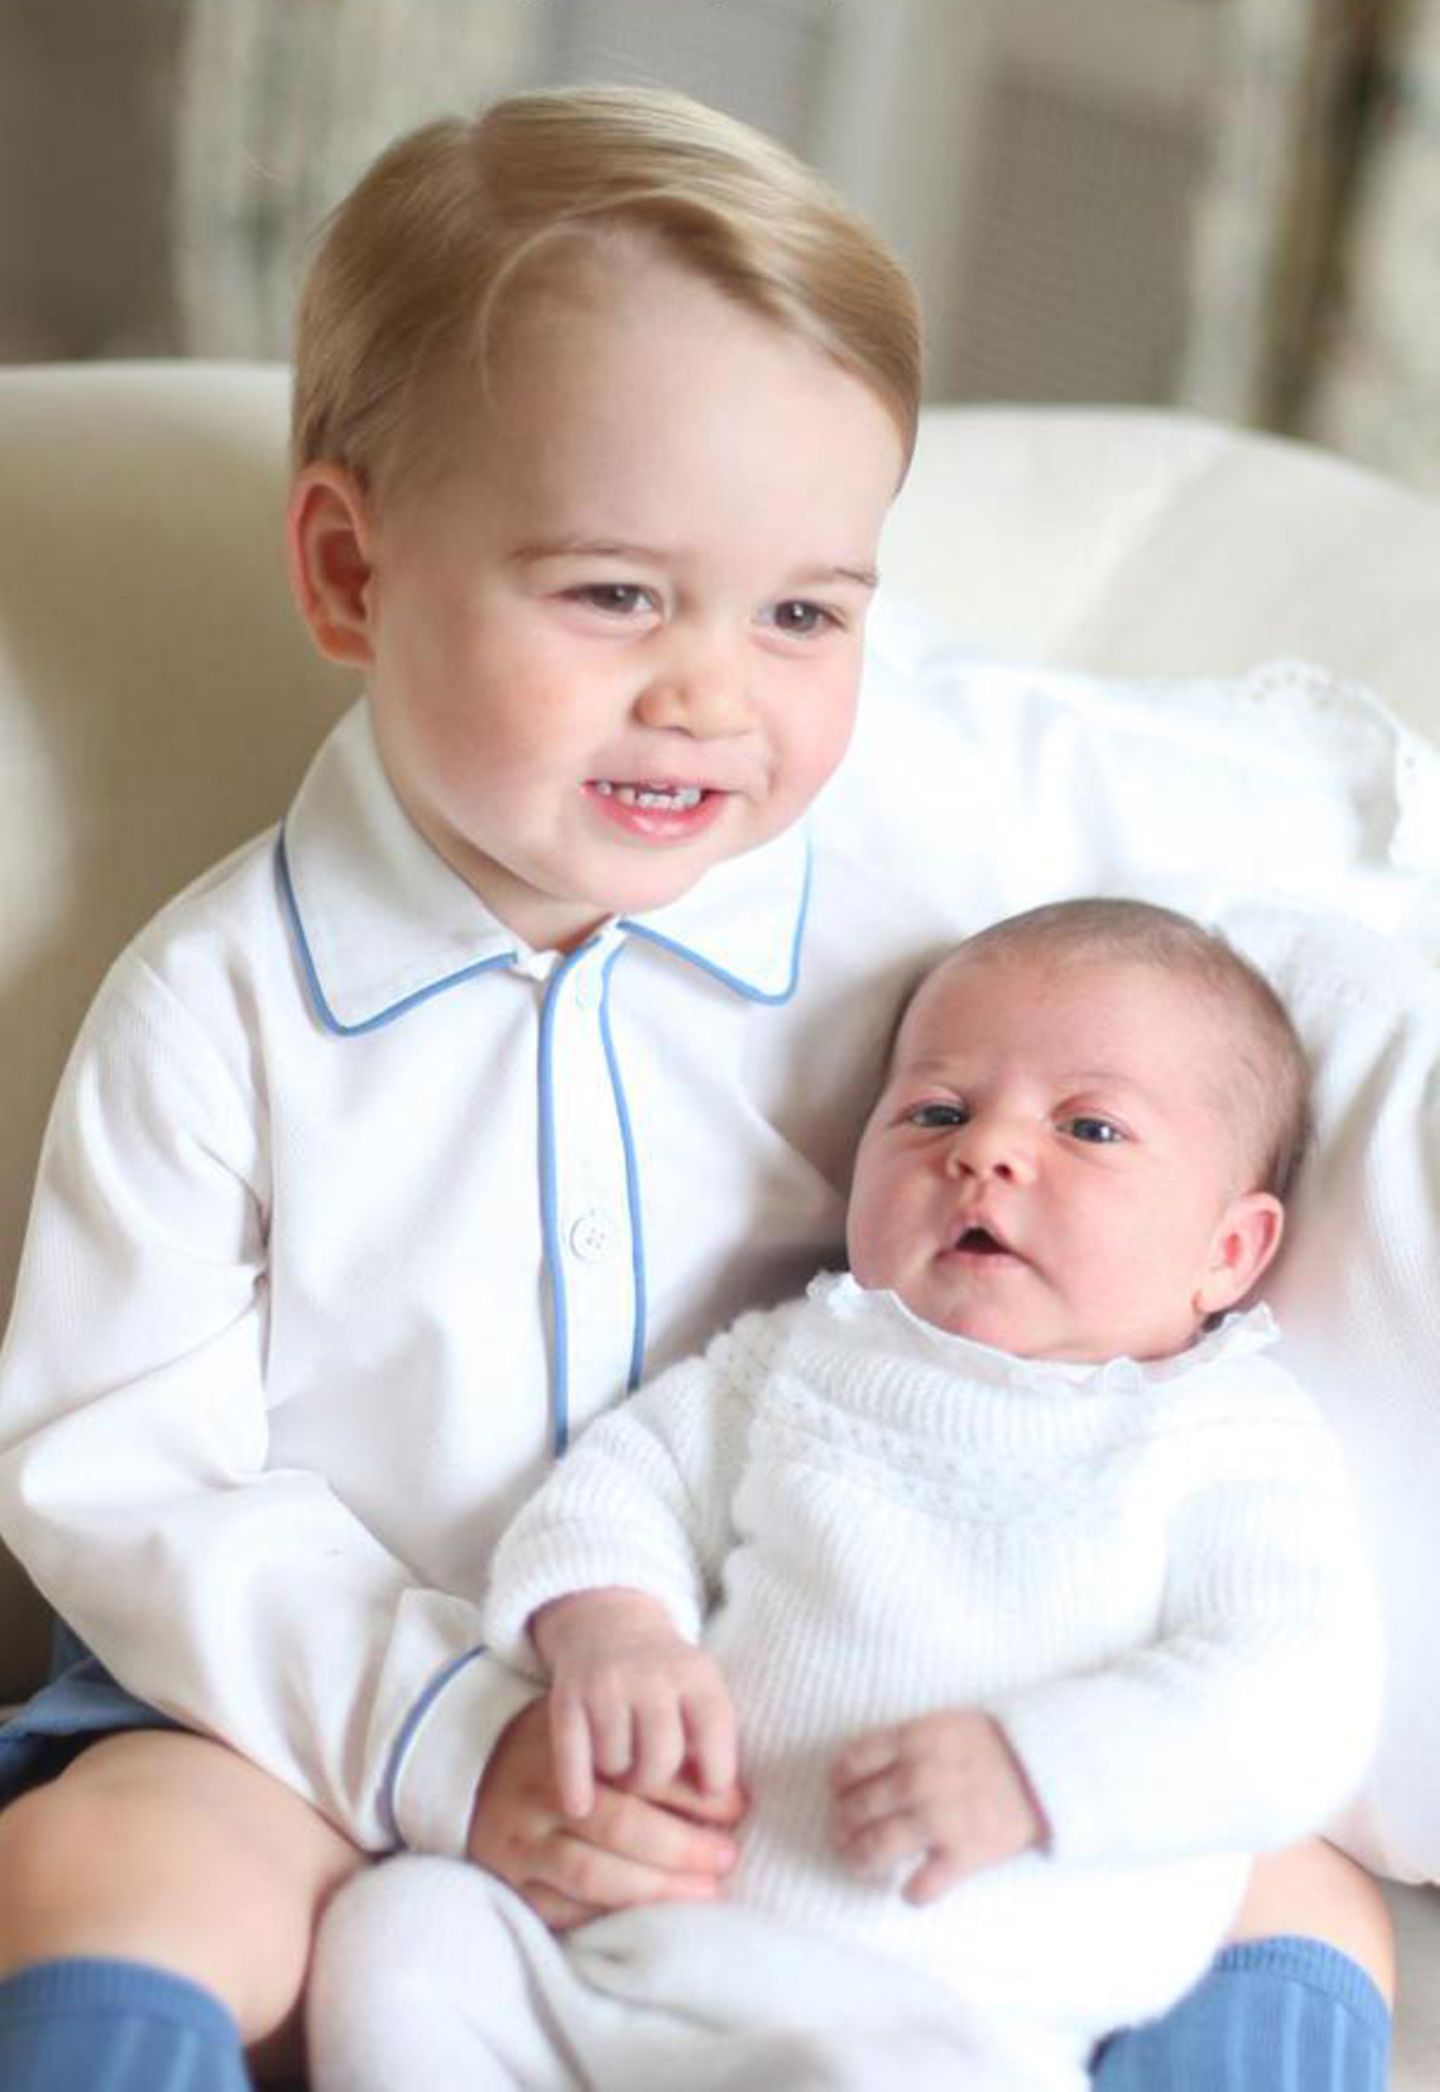 Prinz George der lachende Trendsetter: Er trägt zum ersten Geschwister-Fotoshooting blaue Strümpfe, eine blaue Hose und ein Hemd mit blauem Streifen - sehr stylish!